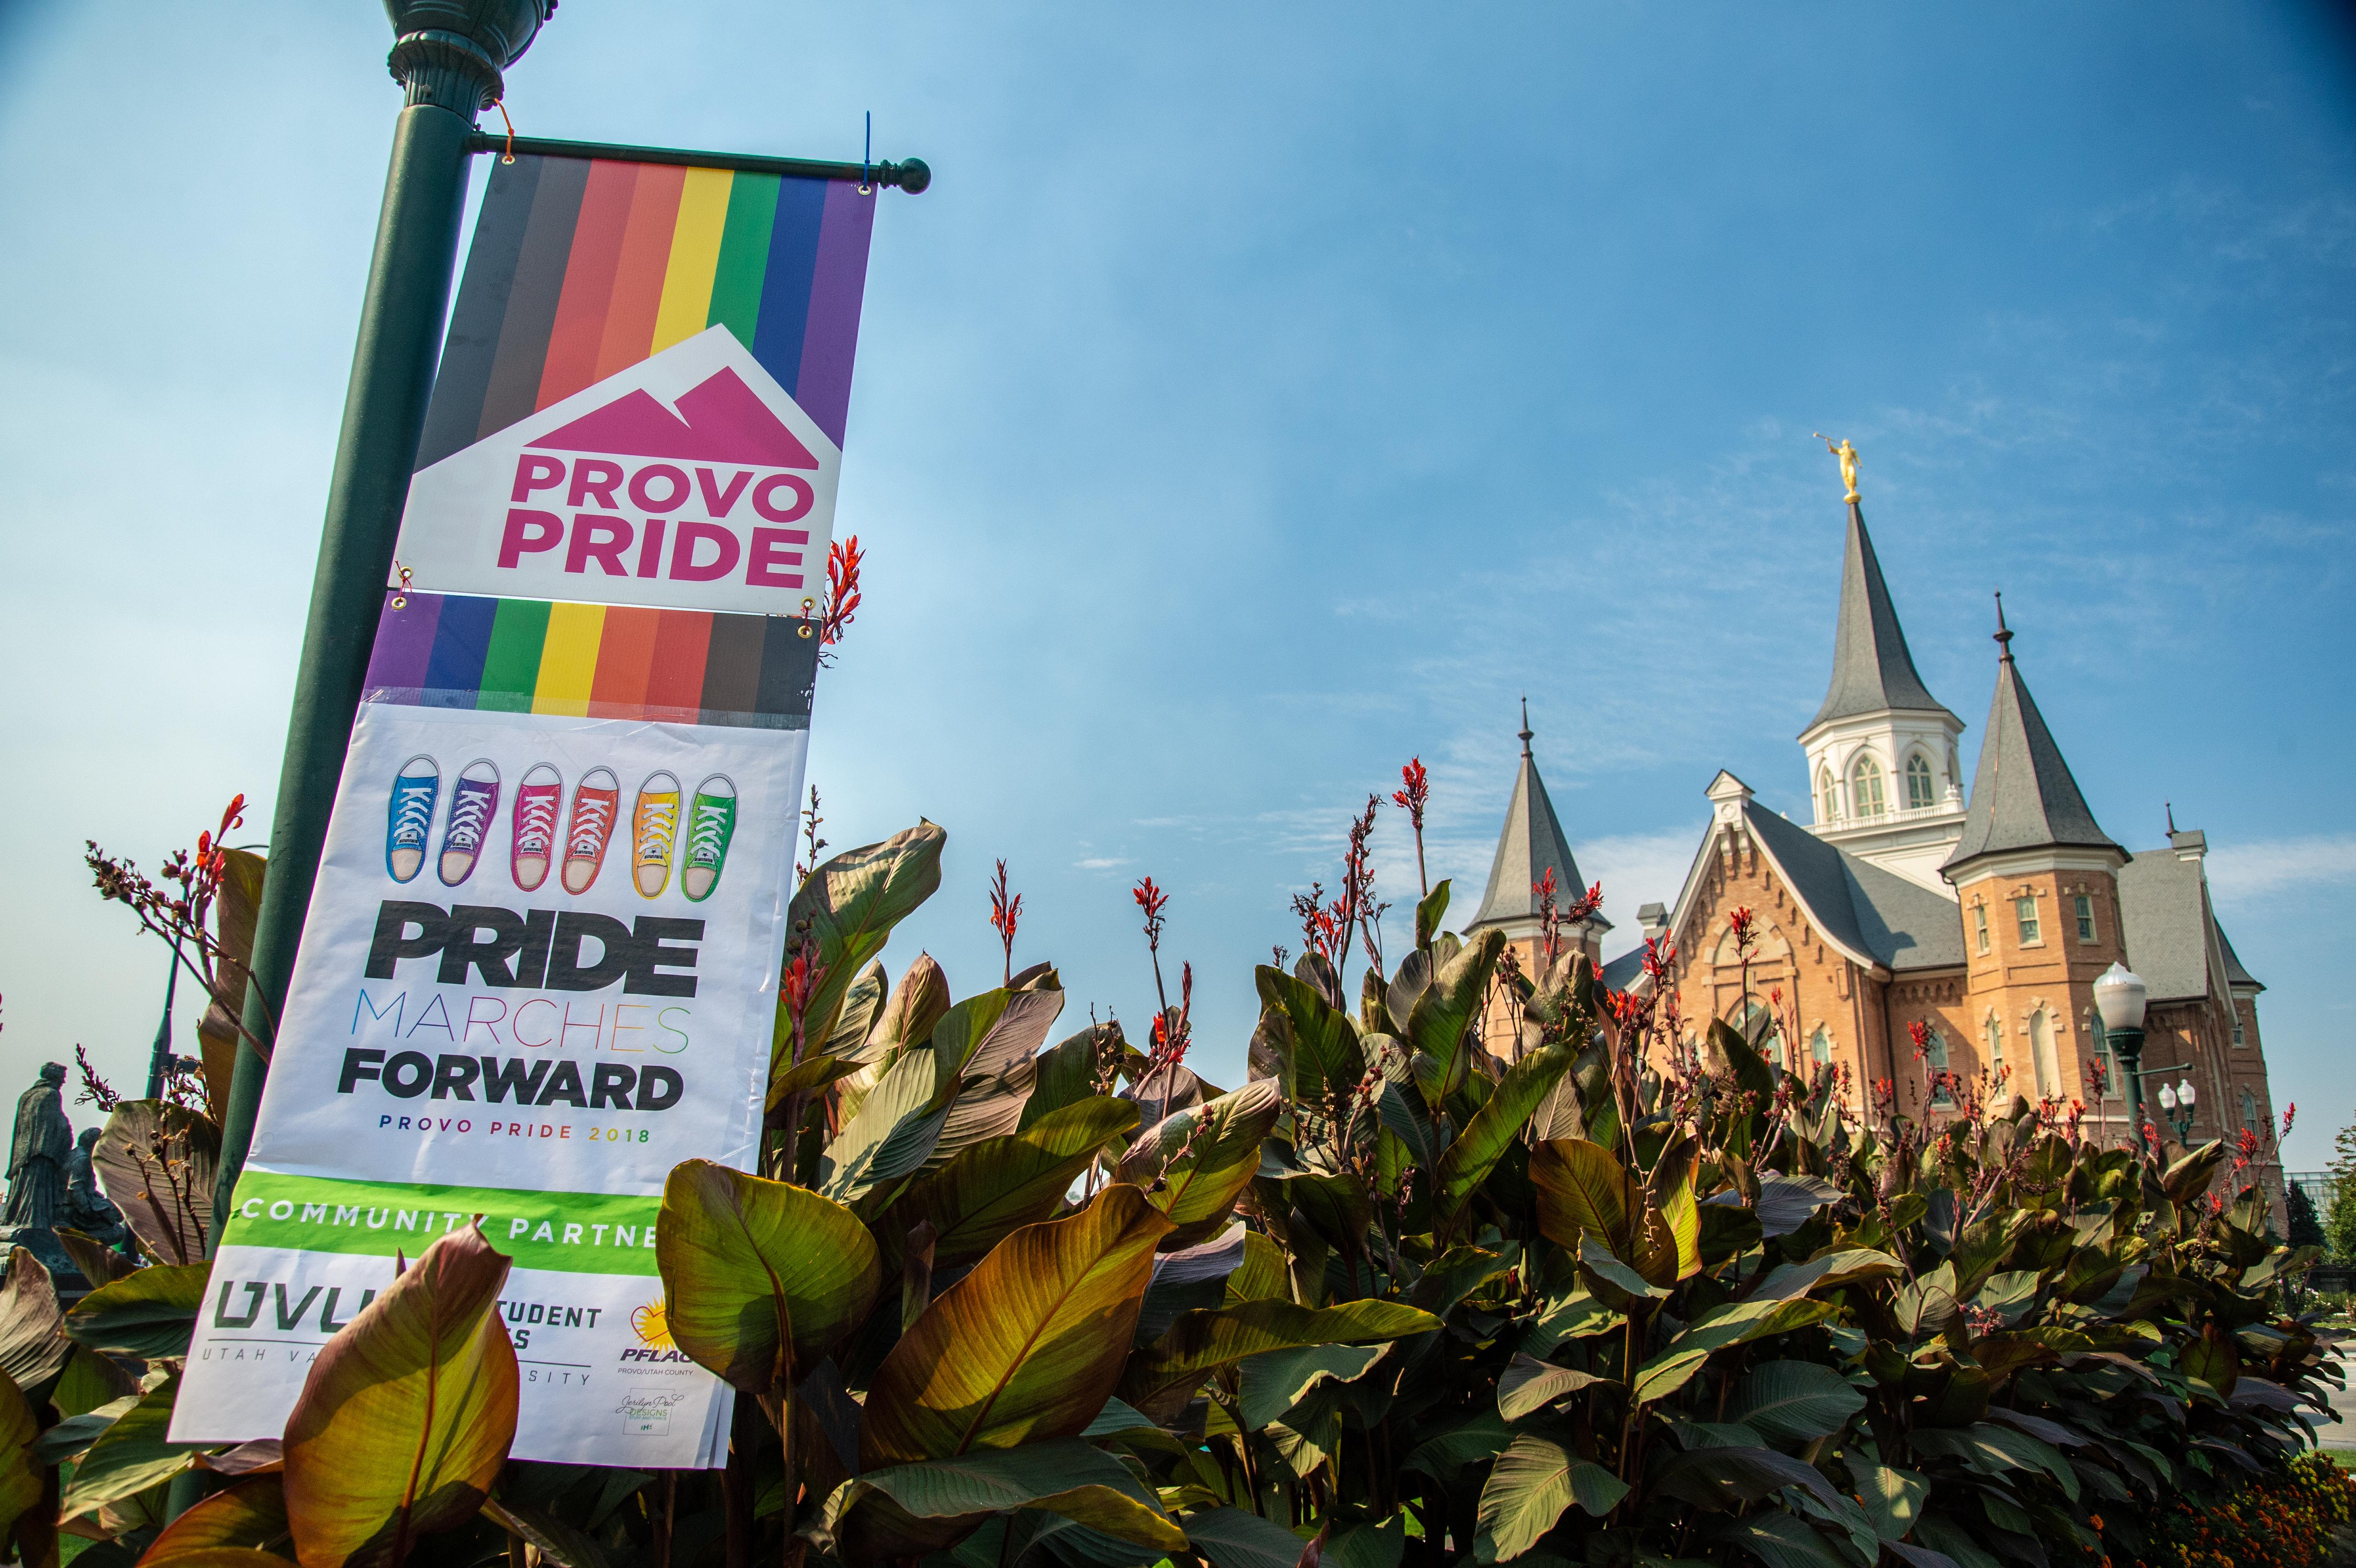 Provo Pride Festival aims to educate and celebrate